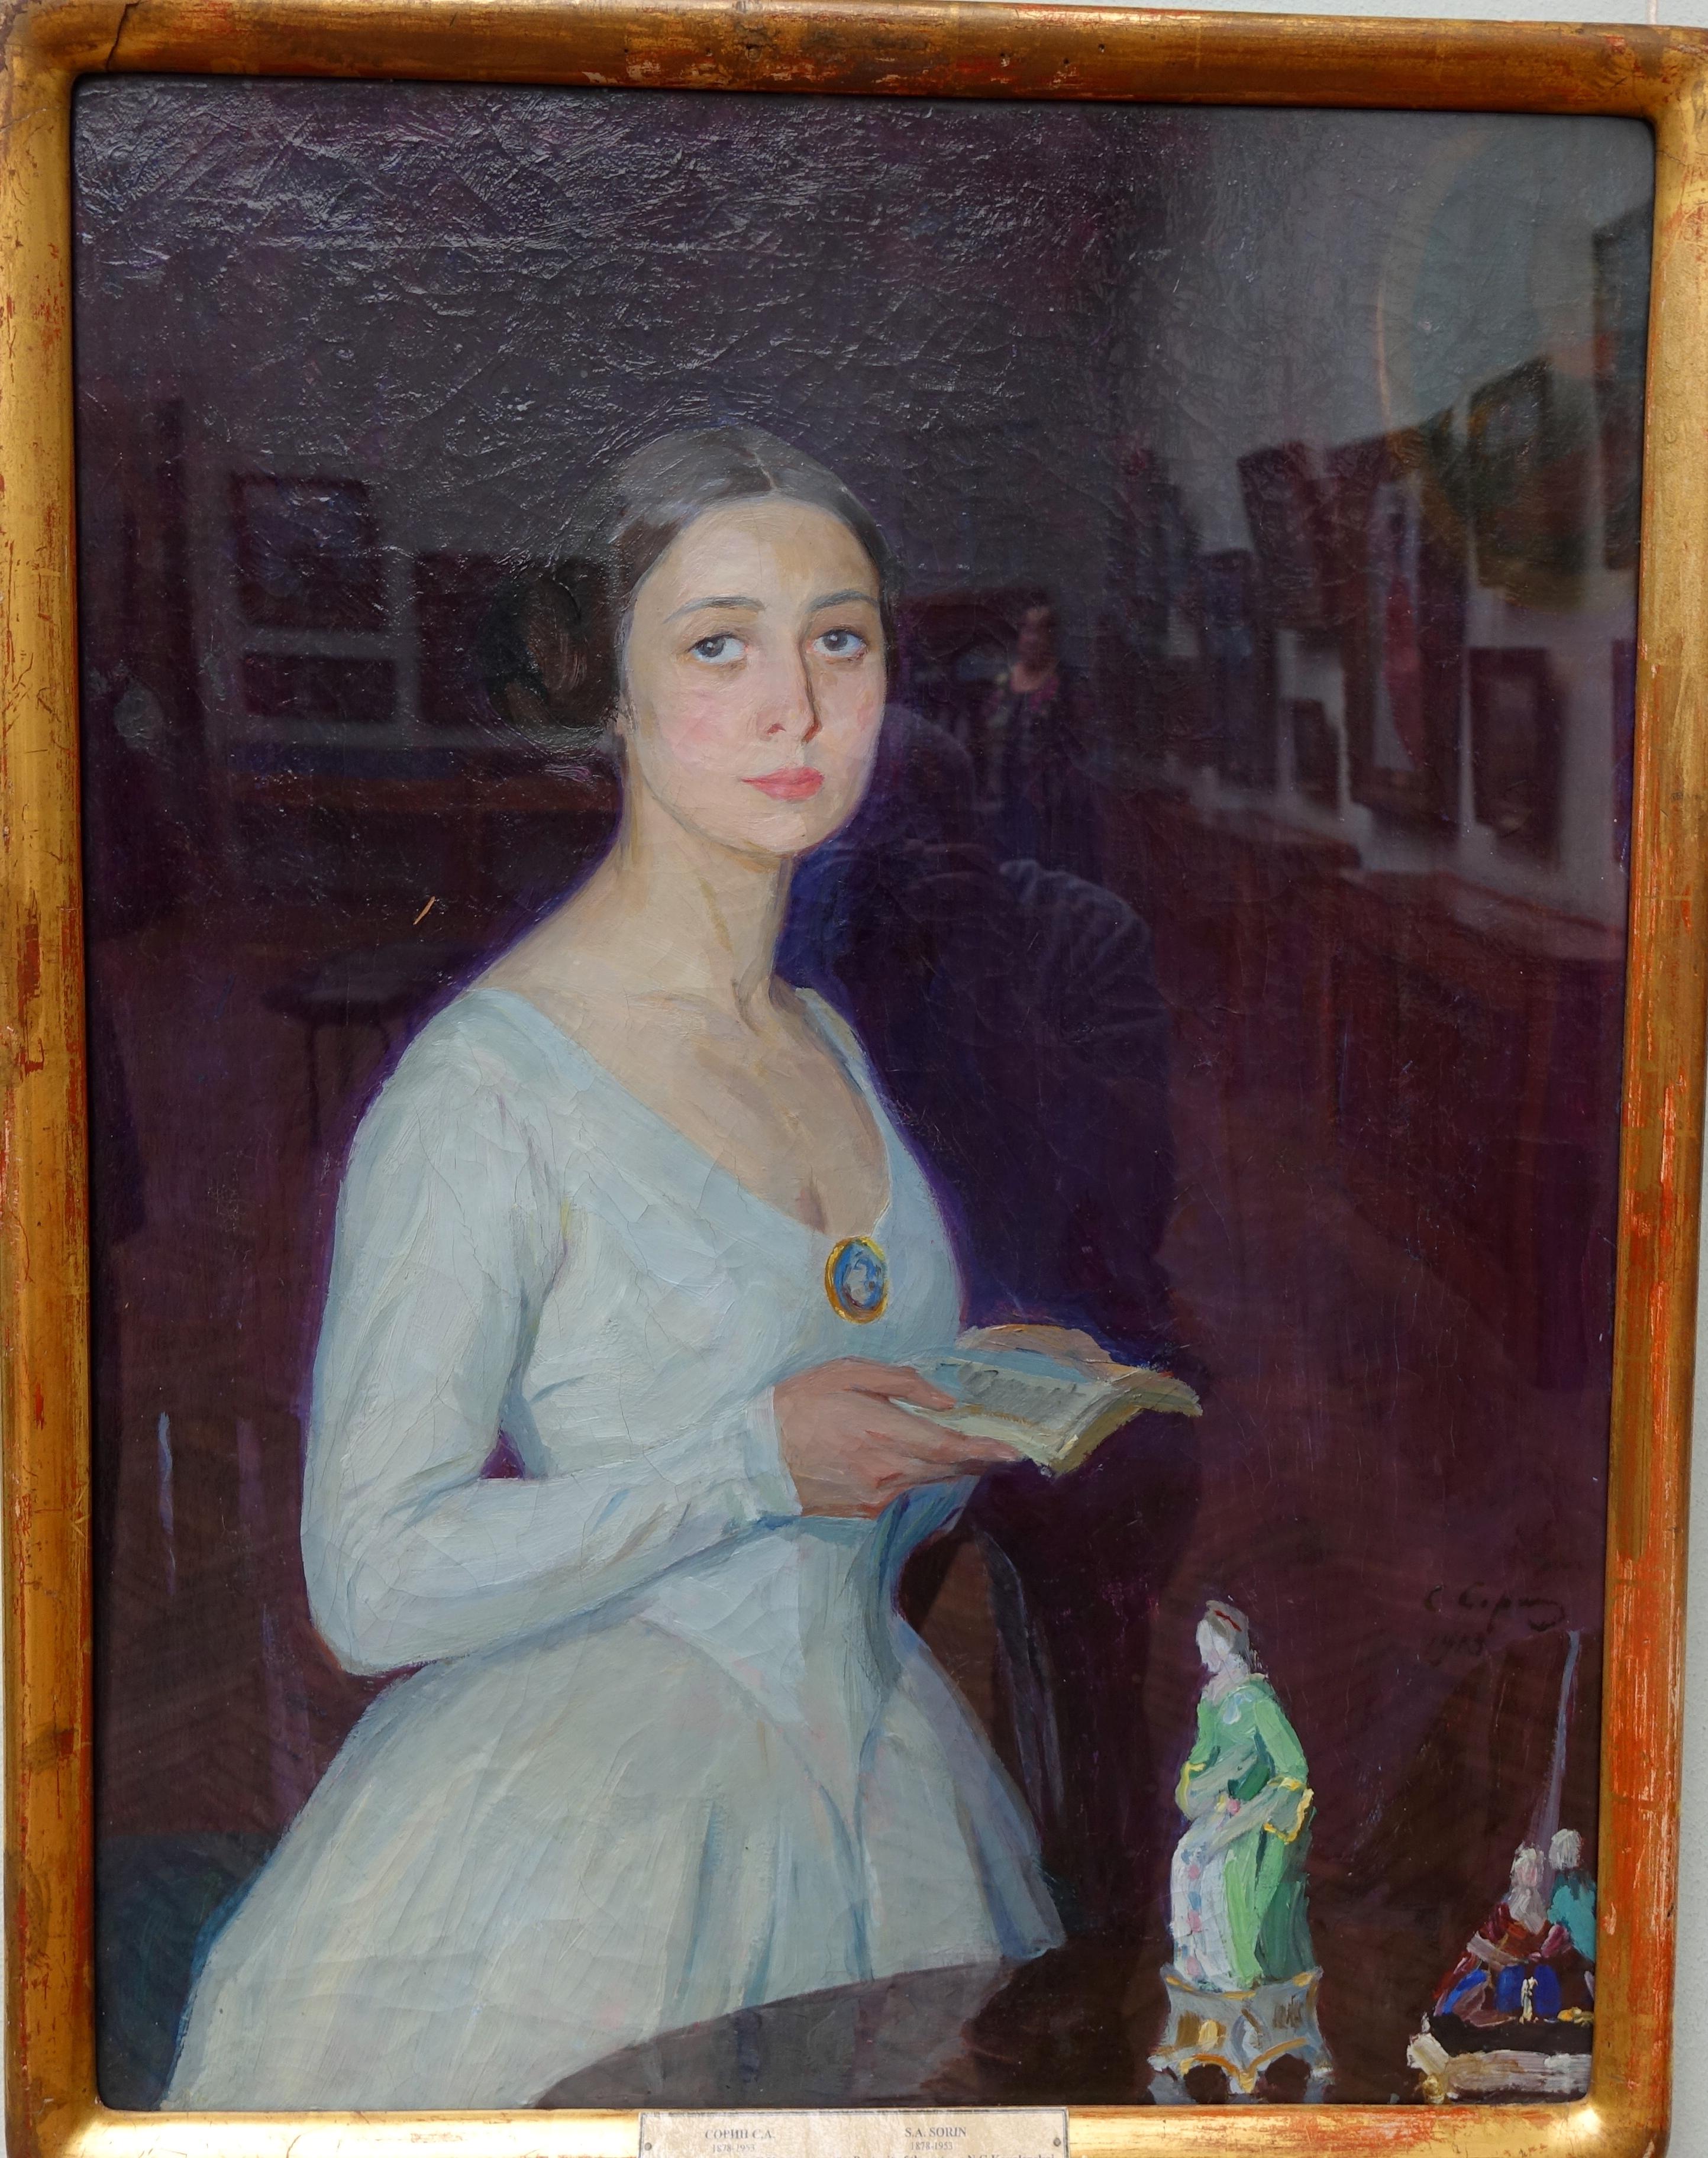 Портрет артистки Имп. театров Н.Г.Коваленской 1913 х. м. 71Х53,6 Одесса.